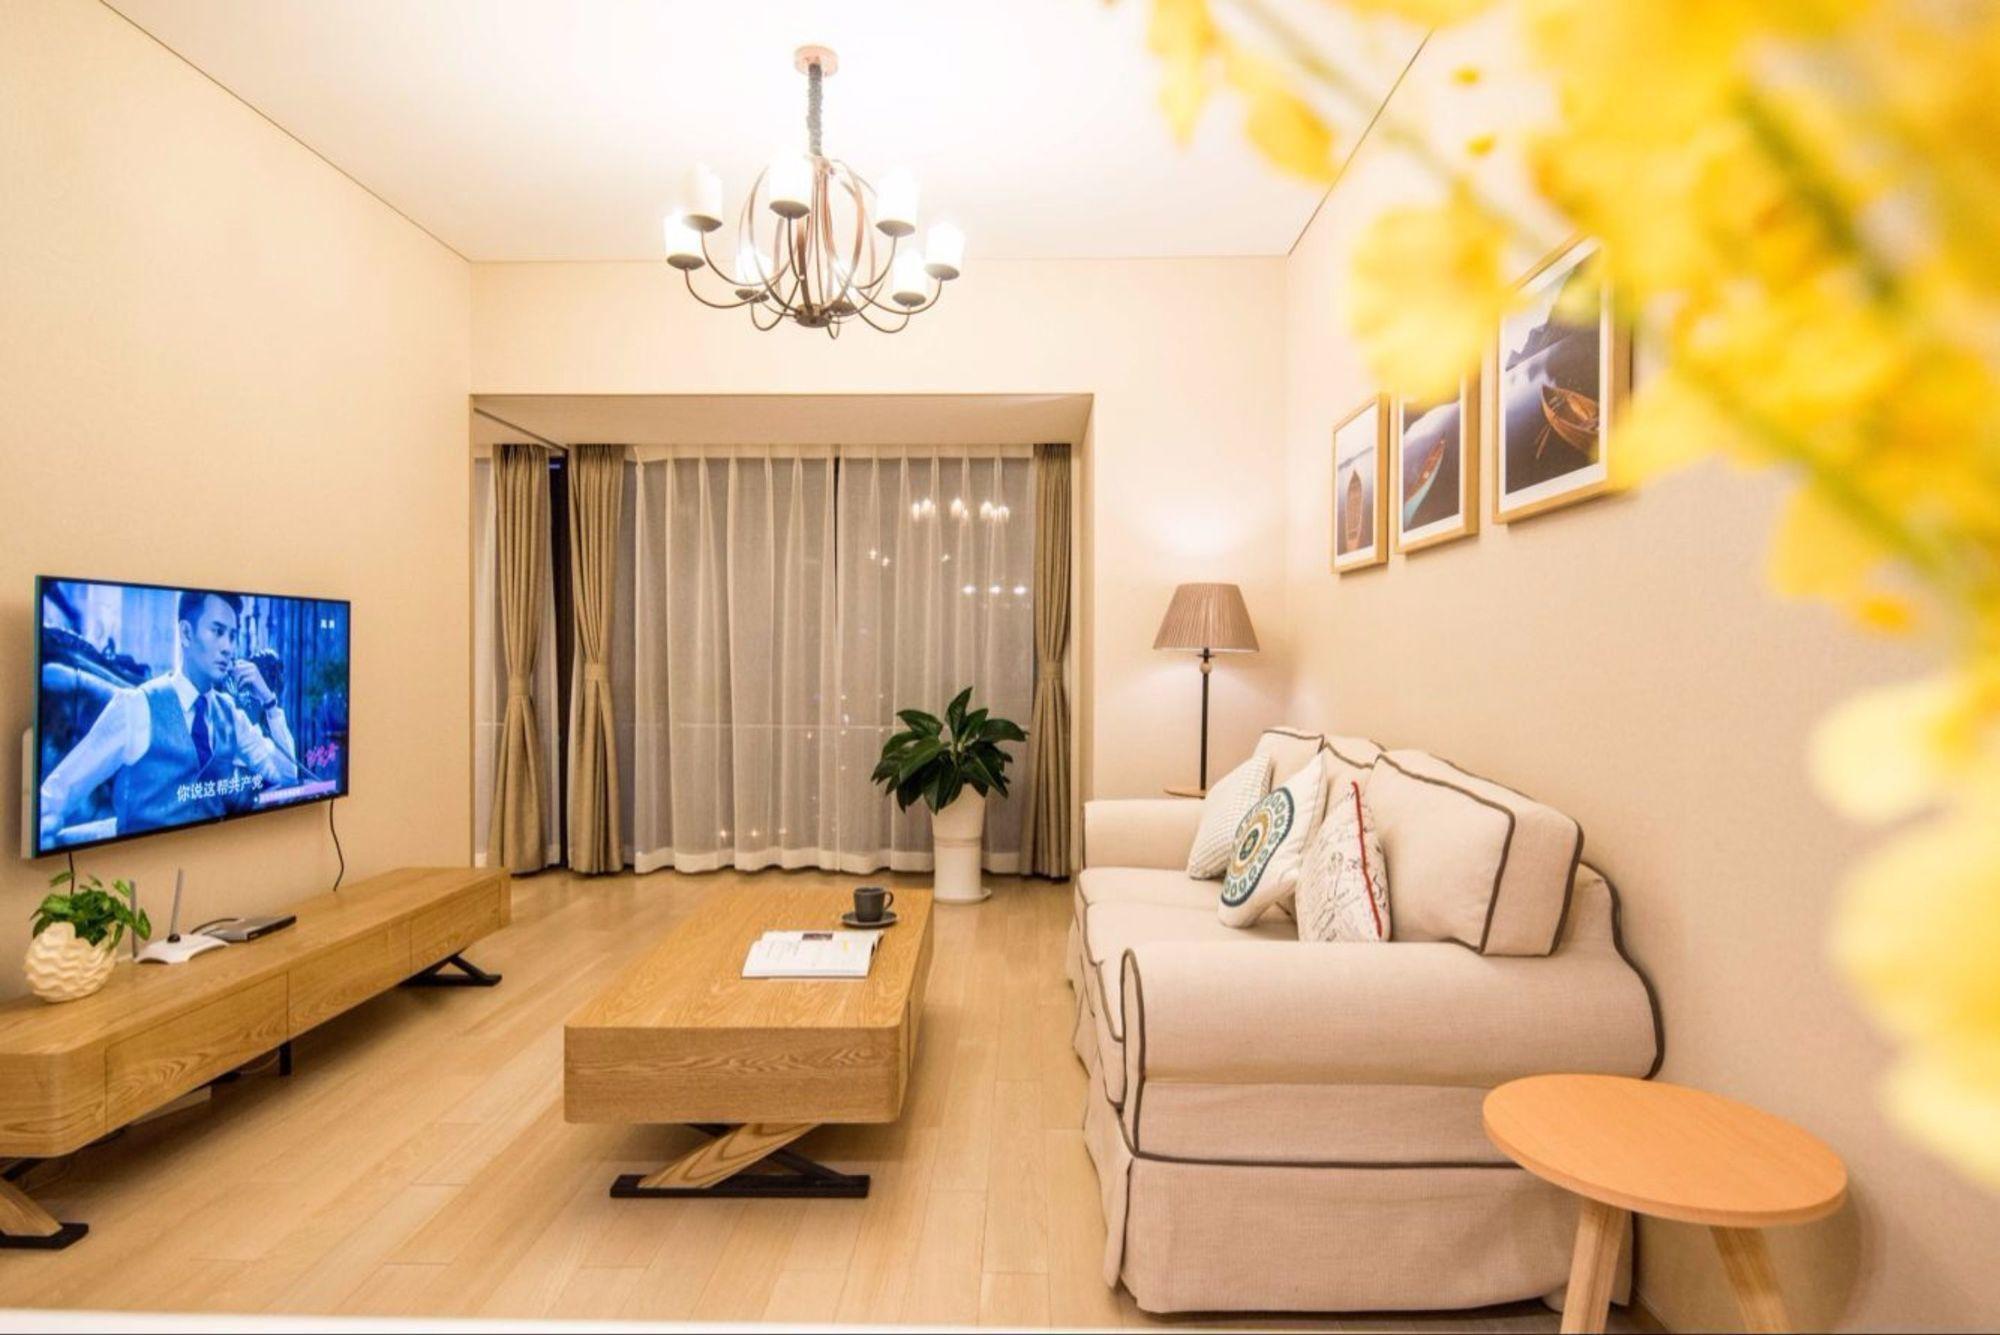 Yue Lan Hotel Apartment Wan Xiang Cheng